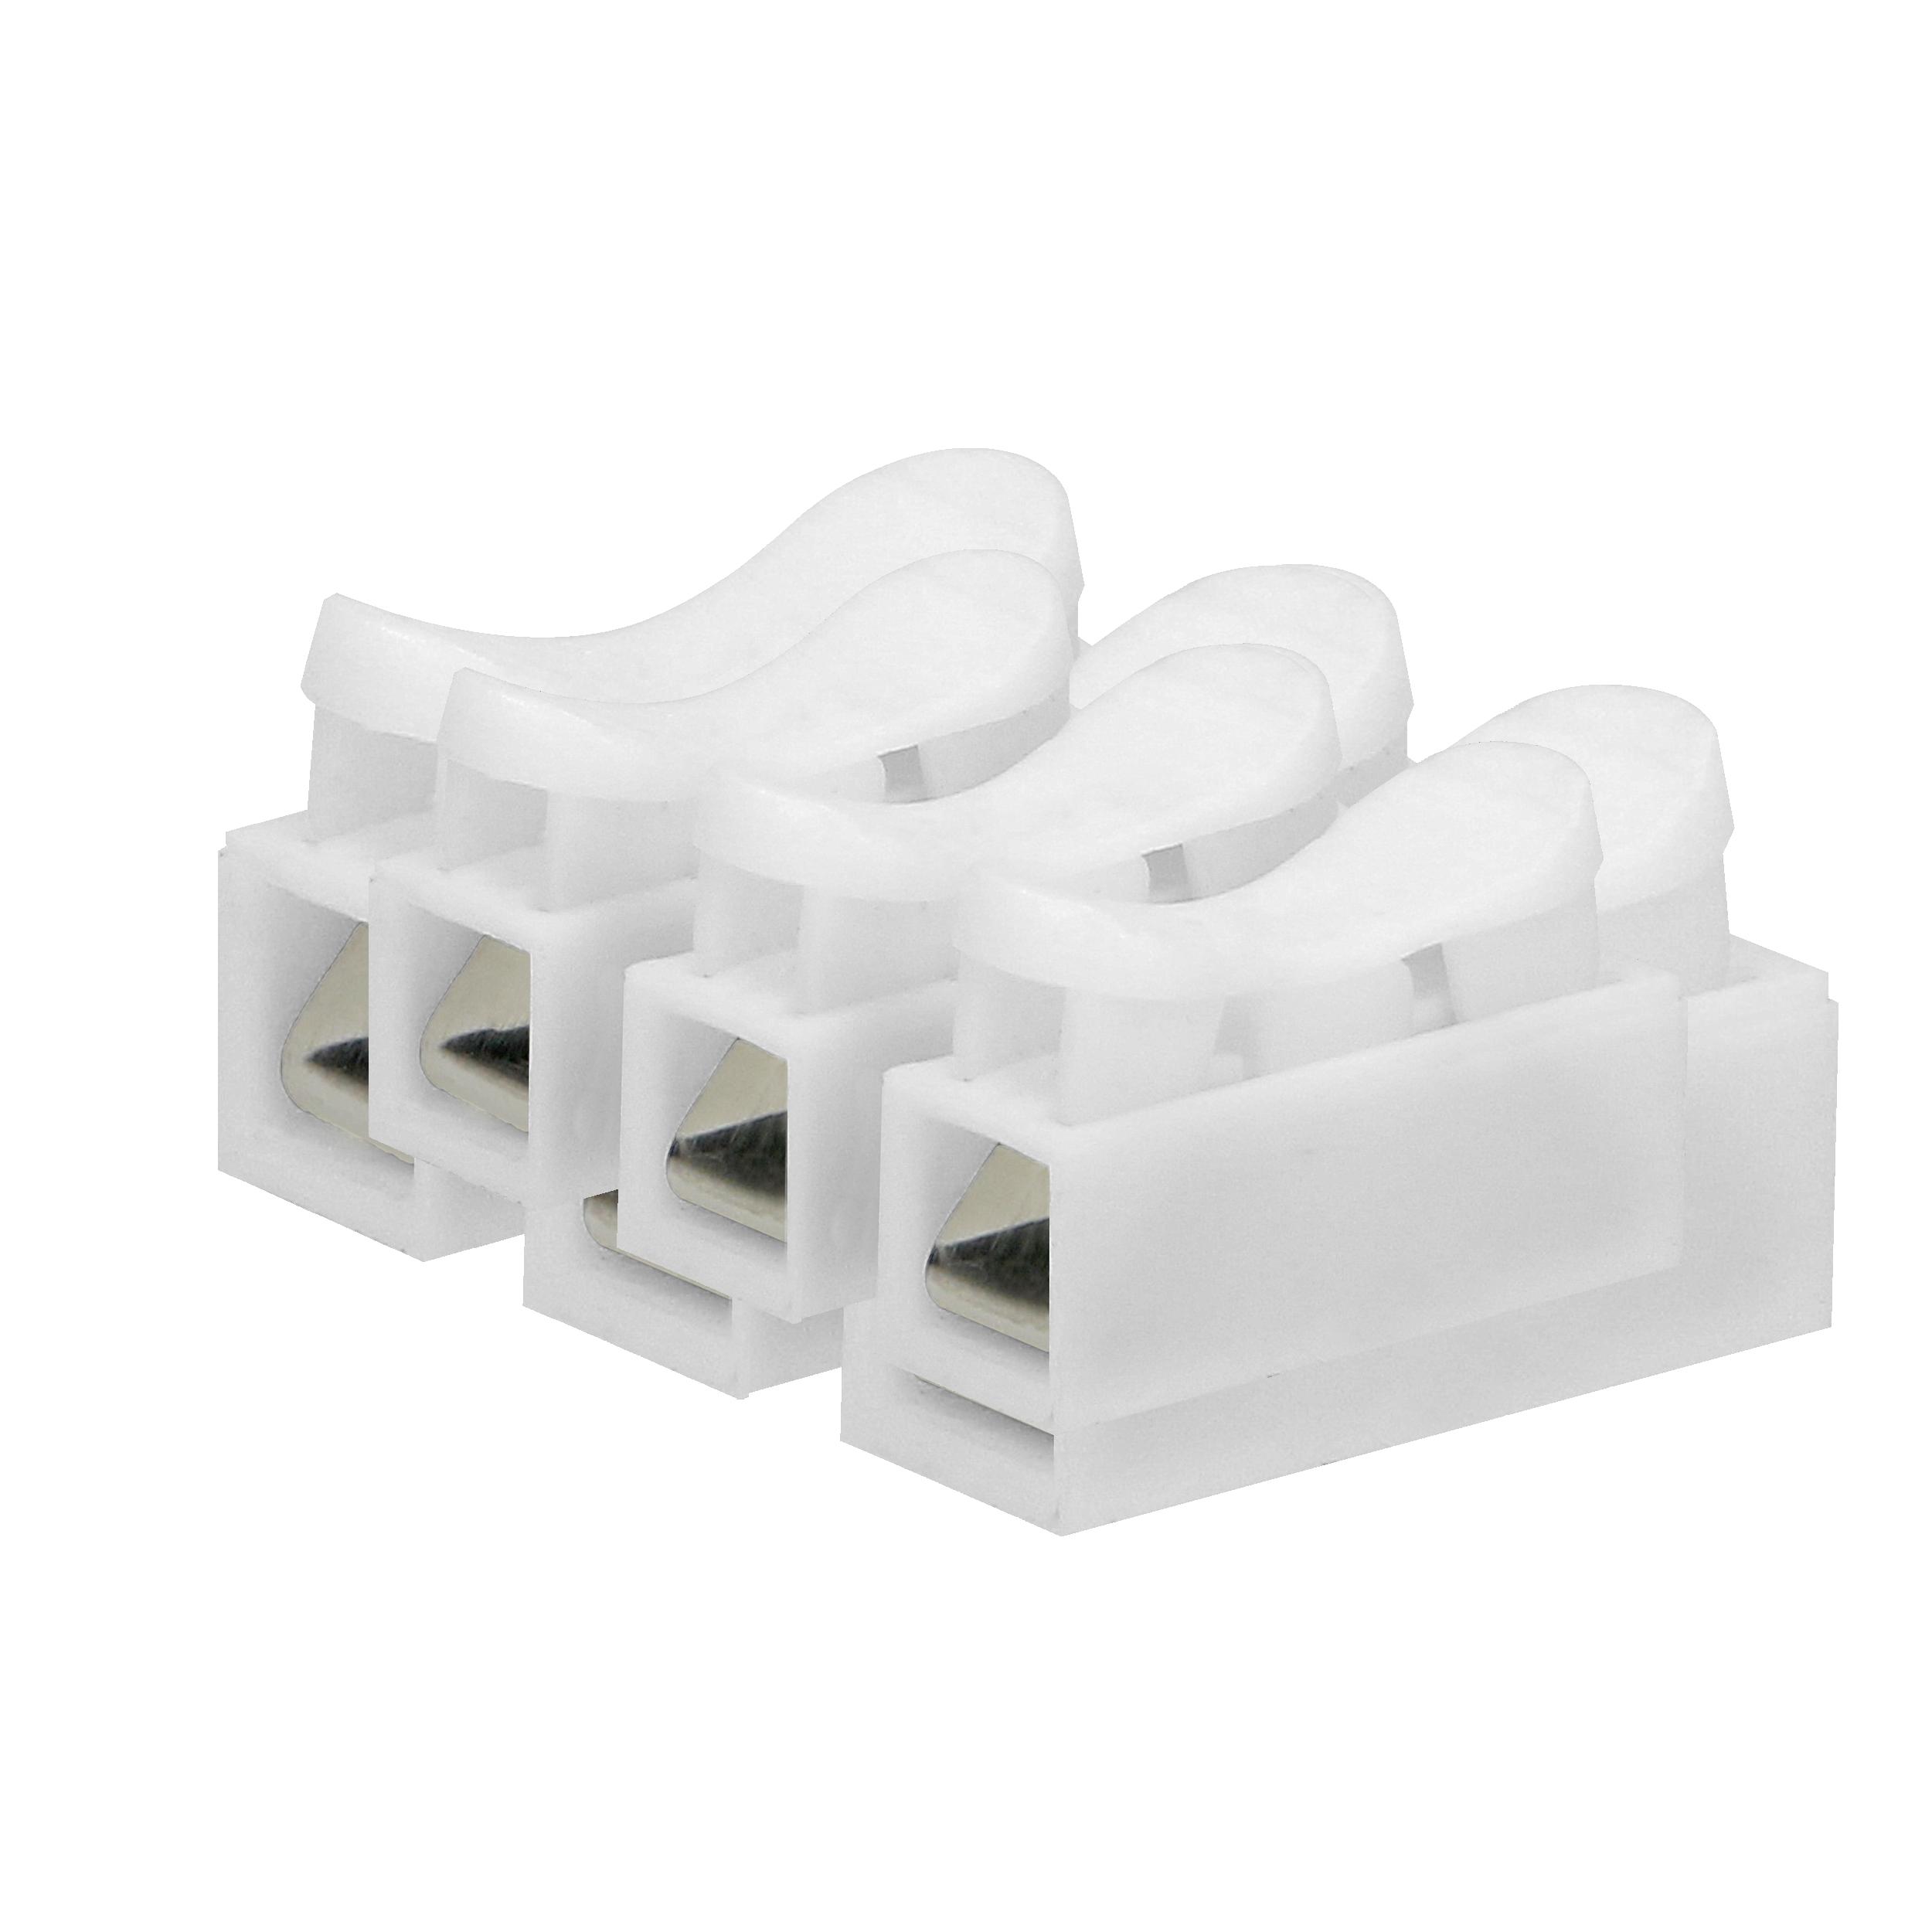 Złączka trzytorowa sprężynowa,  3x2,5mm², 100 sztuk